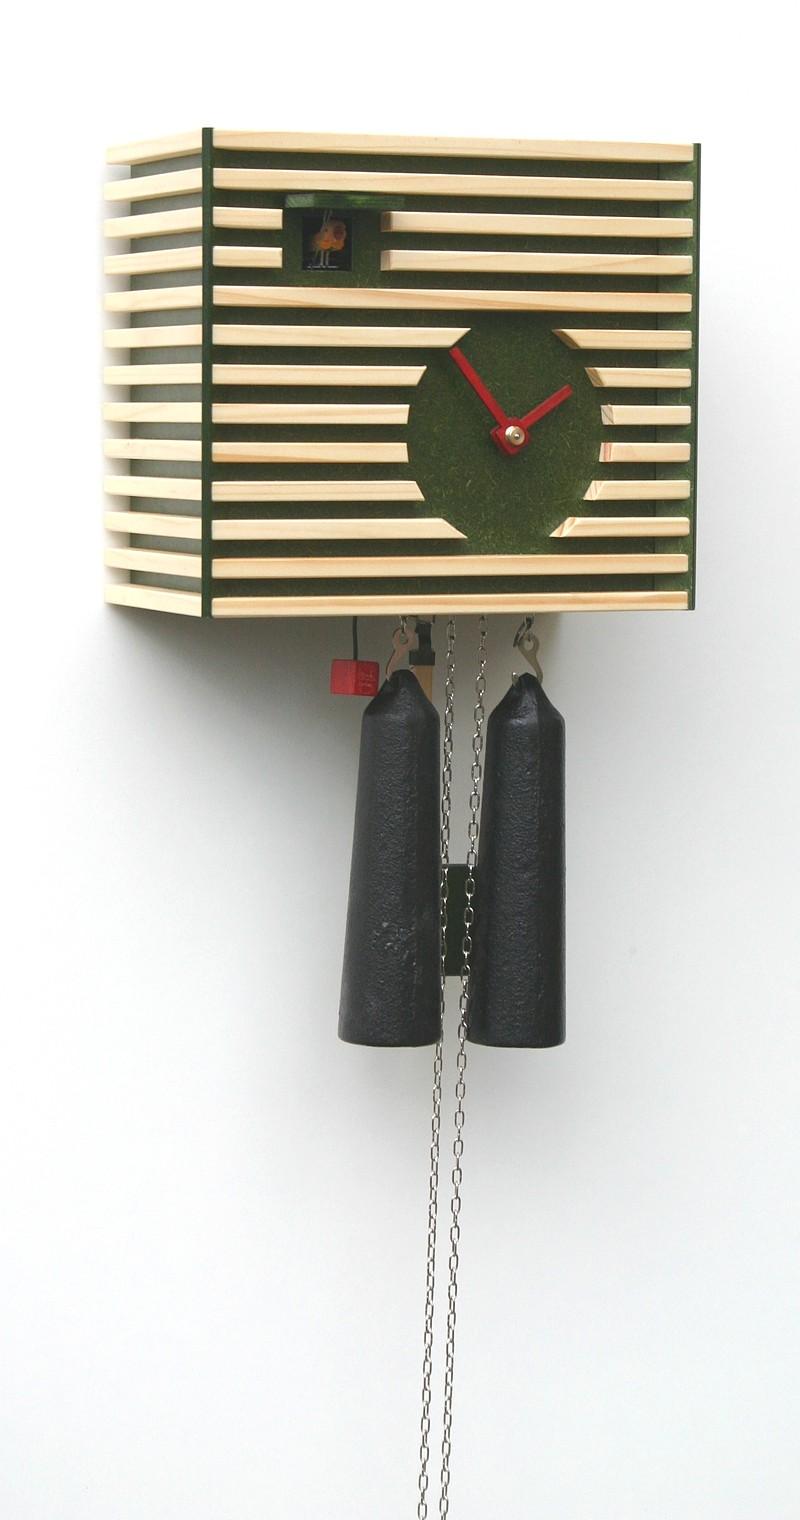 moderne kuckucksuhr 8 tage werk bauhaus stil gr n. Black Bedroom Furniture Sets. Home Design Ideas